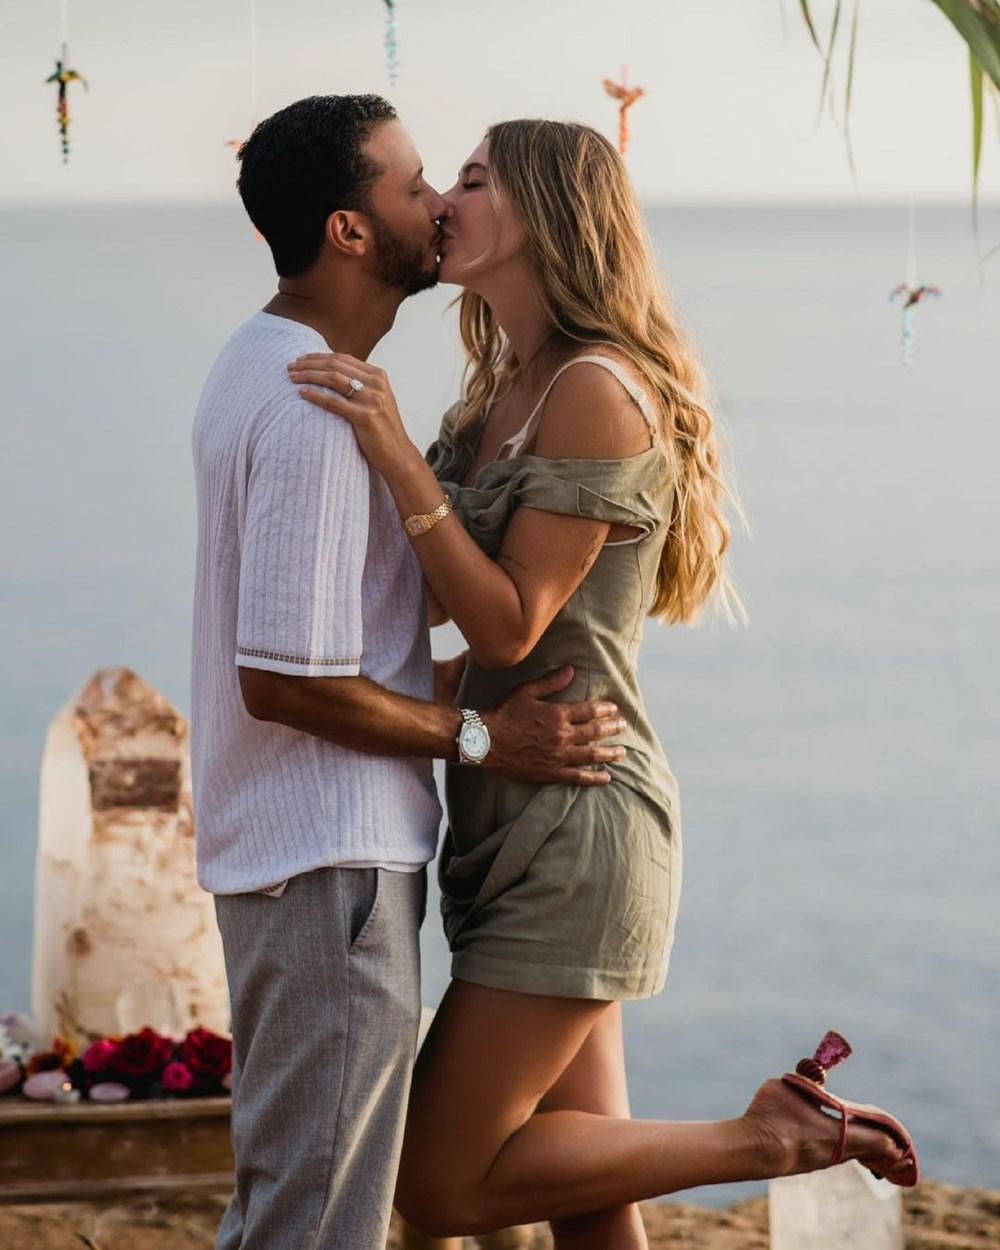 Evlilik teklifi alan Şeyma Subaşı: Duygularımı anlatacak kelime yok - 5